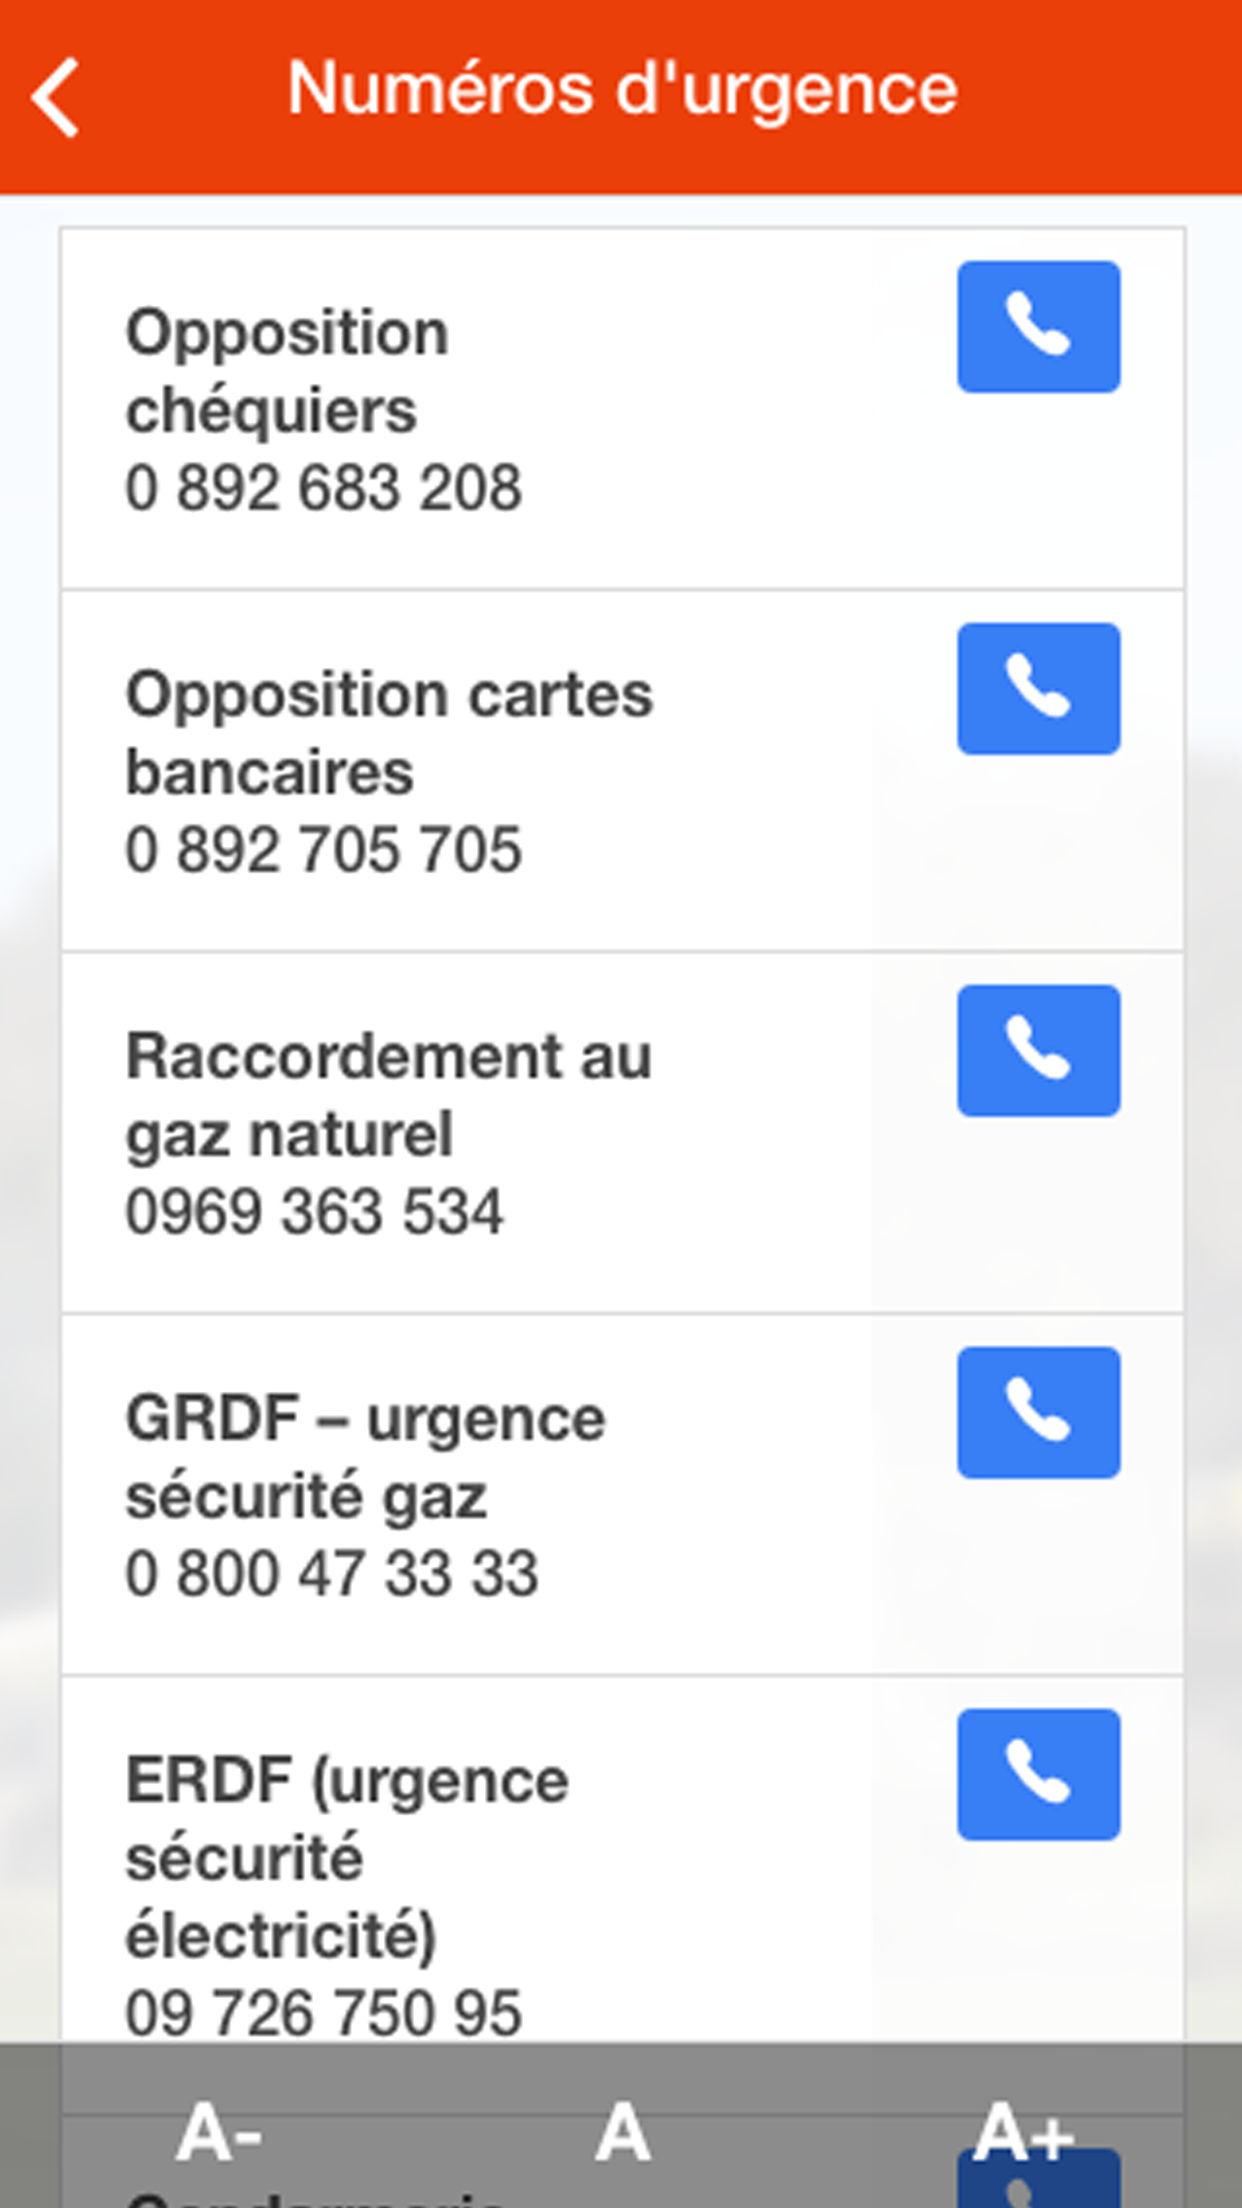 Mymairie - Appli mymairie de la mairie d'Amenucourt - les numéros d'urgence